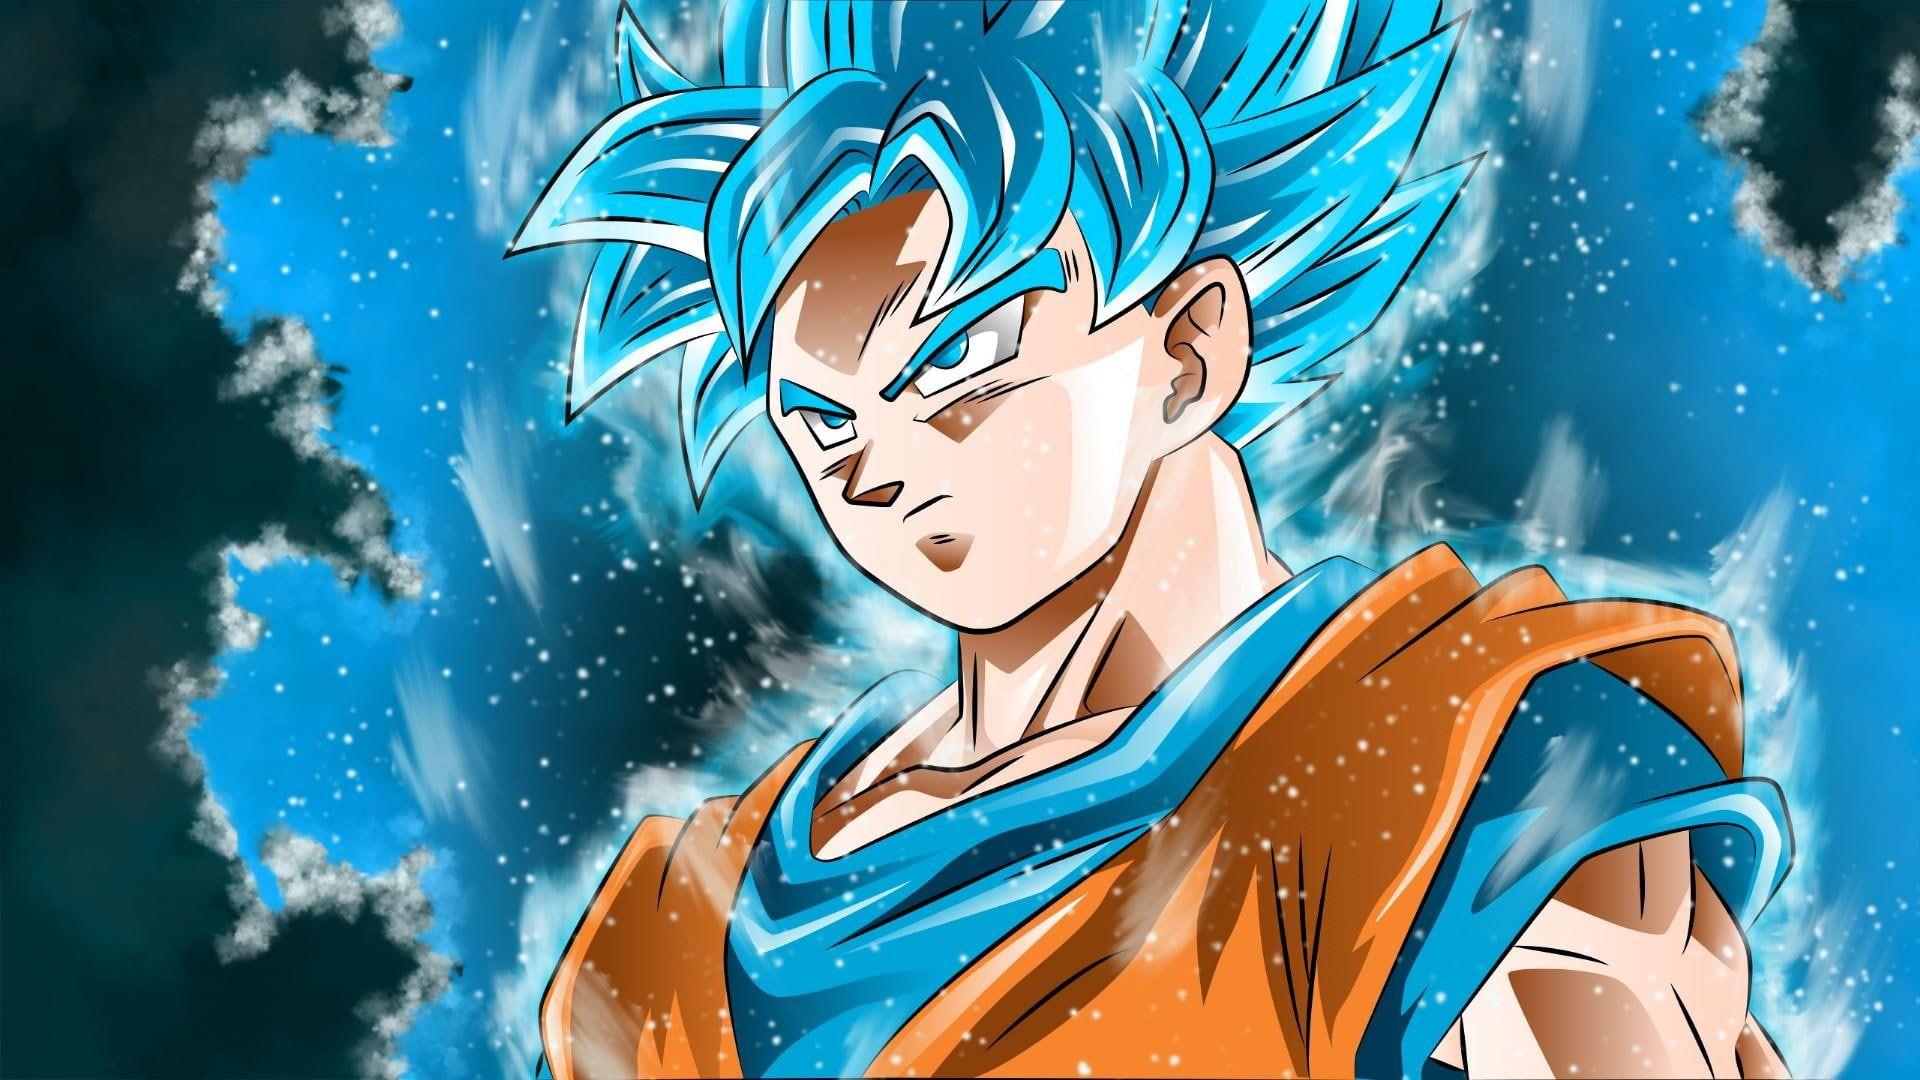 Dragon Ball Ssgss Anime Boy Anime Guy Goku 1080p Wallpaper Hdwallpaper Desktop Dragon Ball Art Goku Anime Anime Dragon Ball 1080p goku blue wallpaper